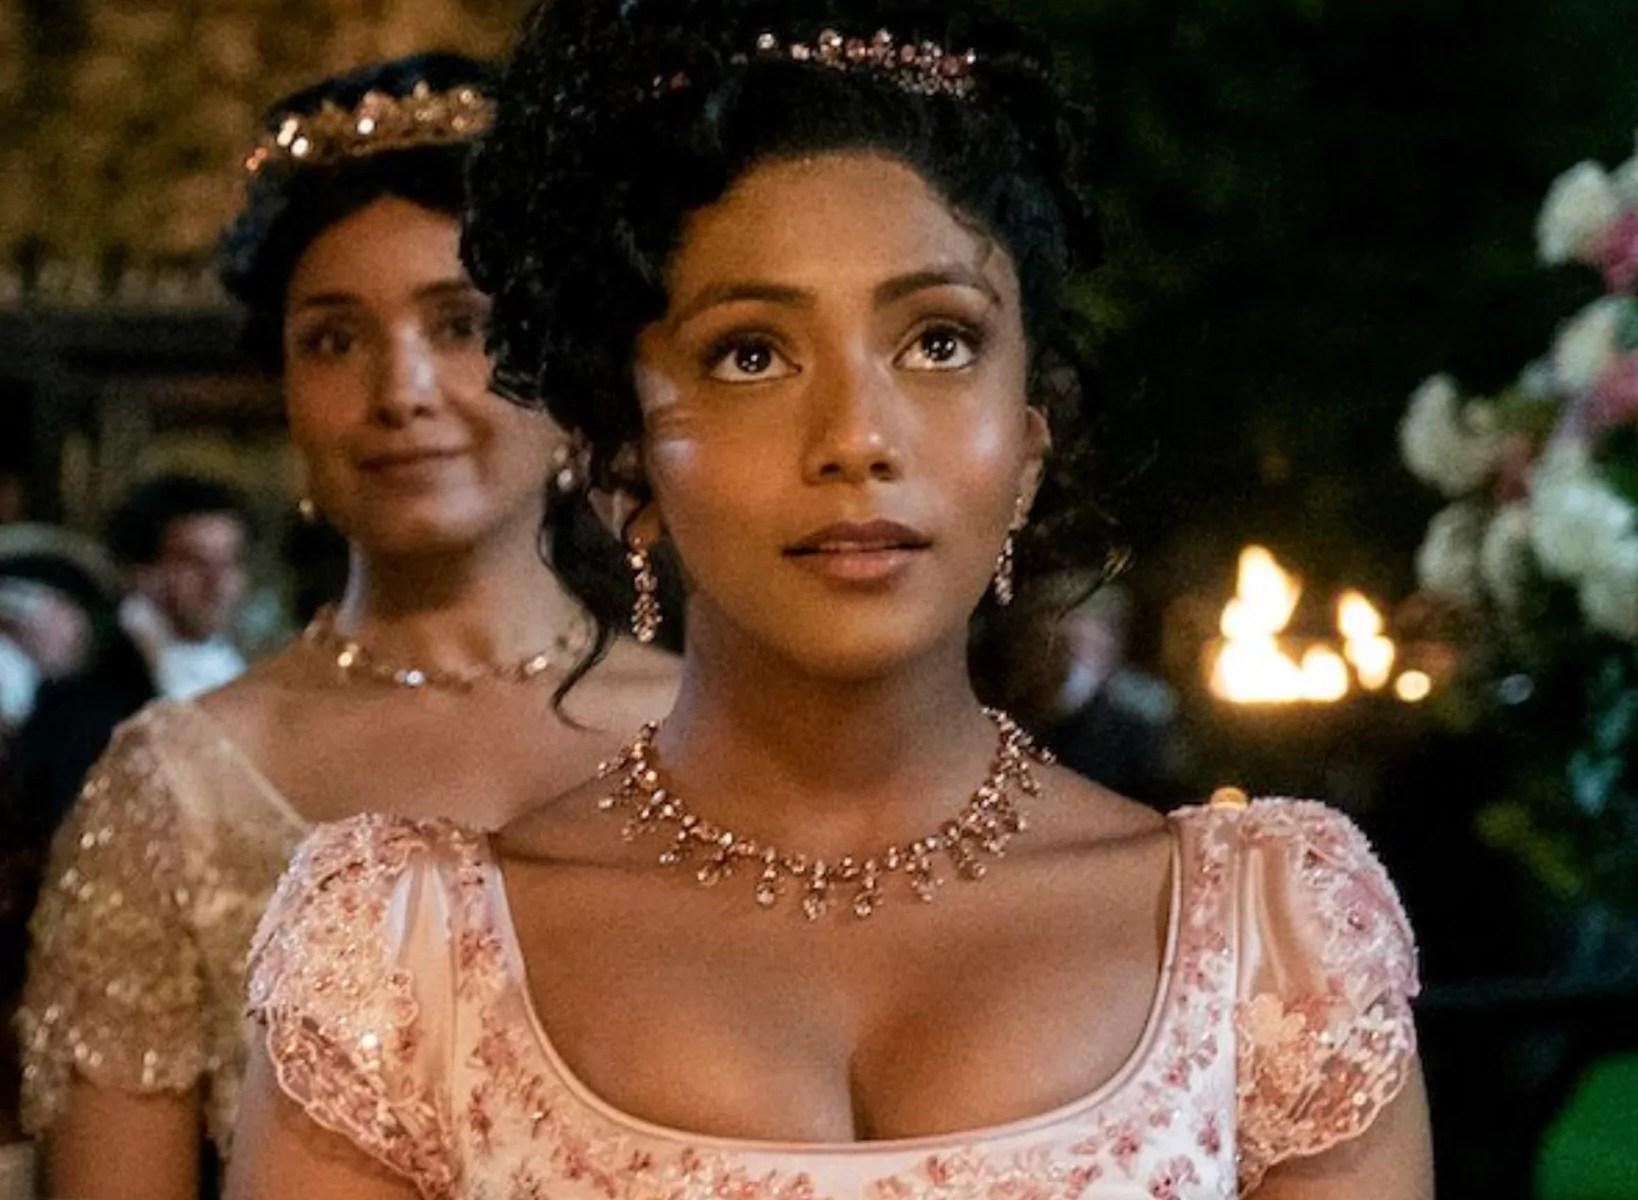 Charithra Chandran parla dell'importanza di essere un'attrice di colore in una serie come Bridgerton 2